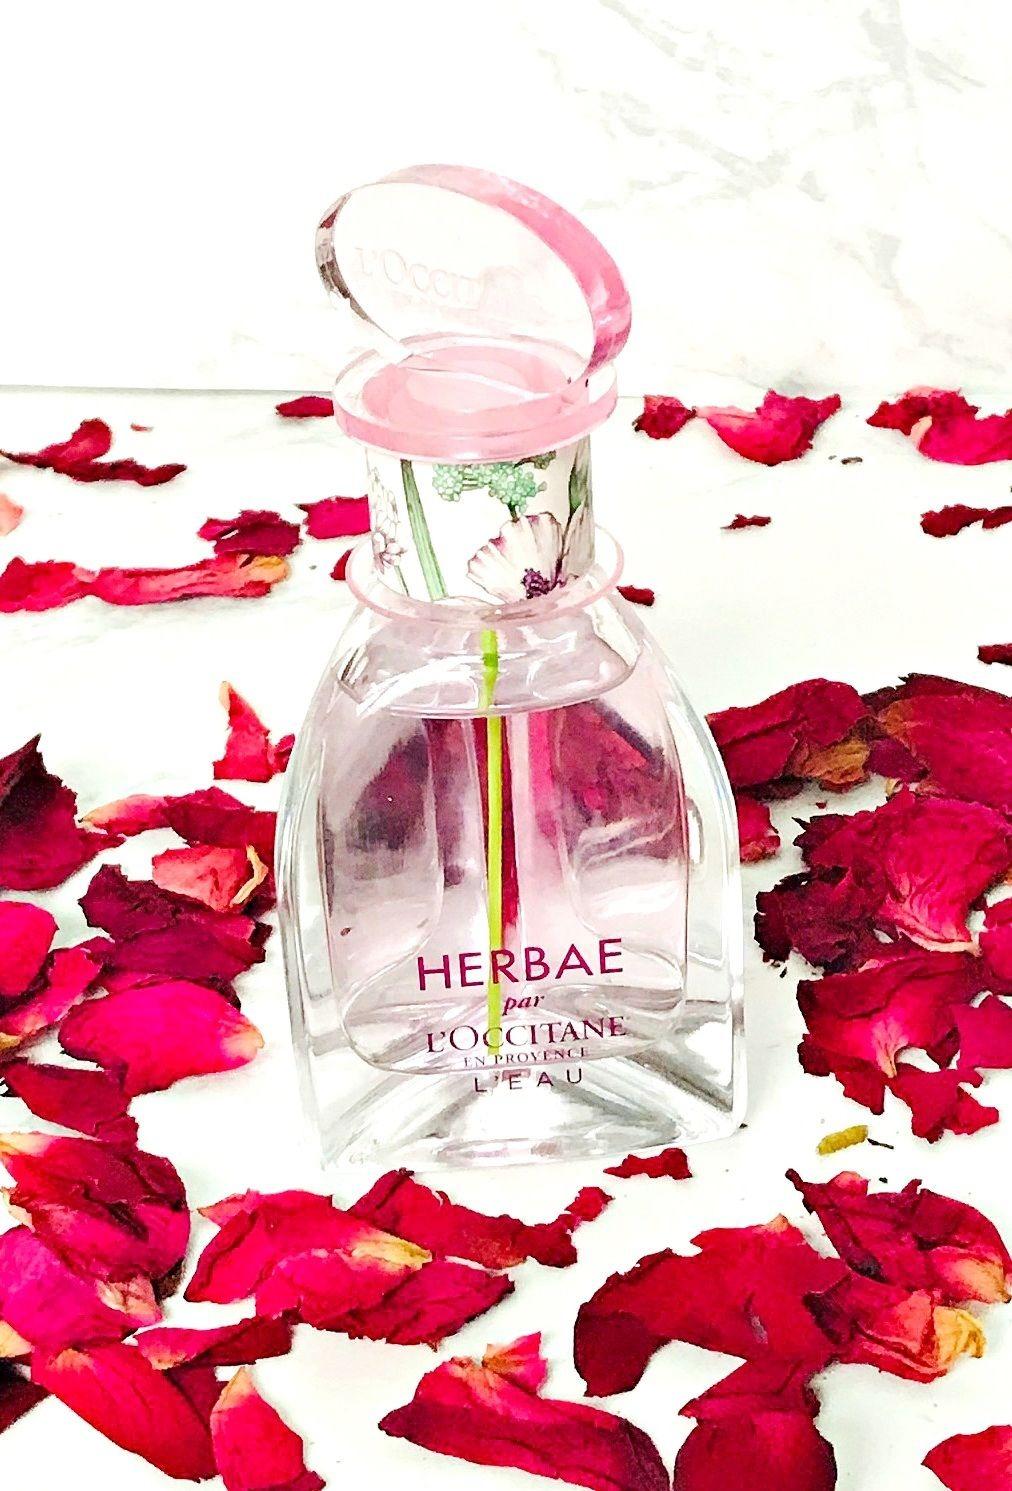 Herbae Per L'Occitane L'Eau Eau De Toilette Review